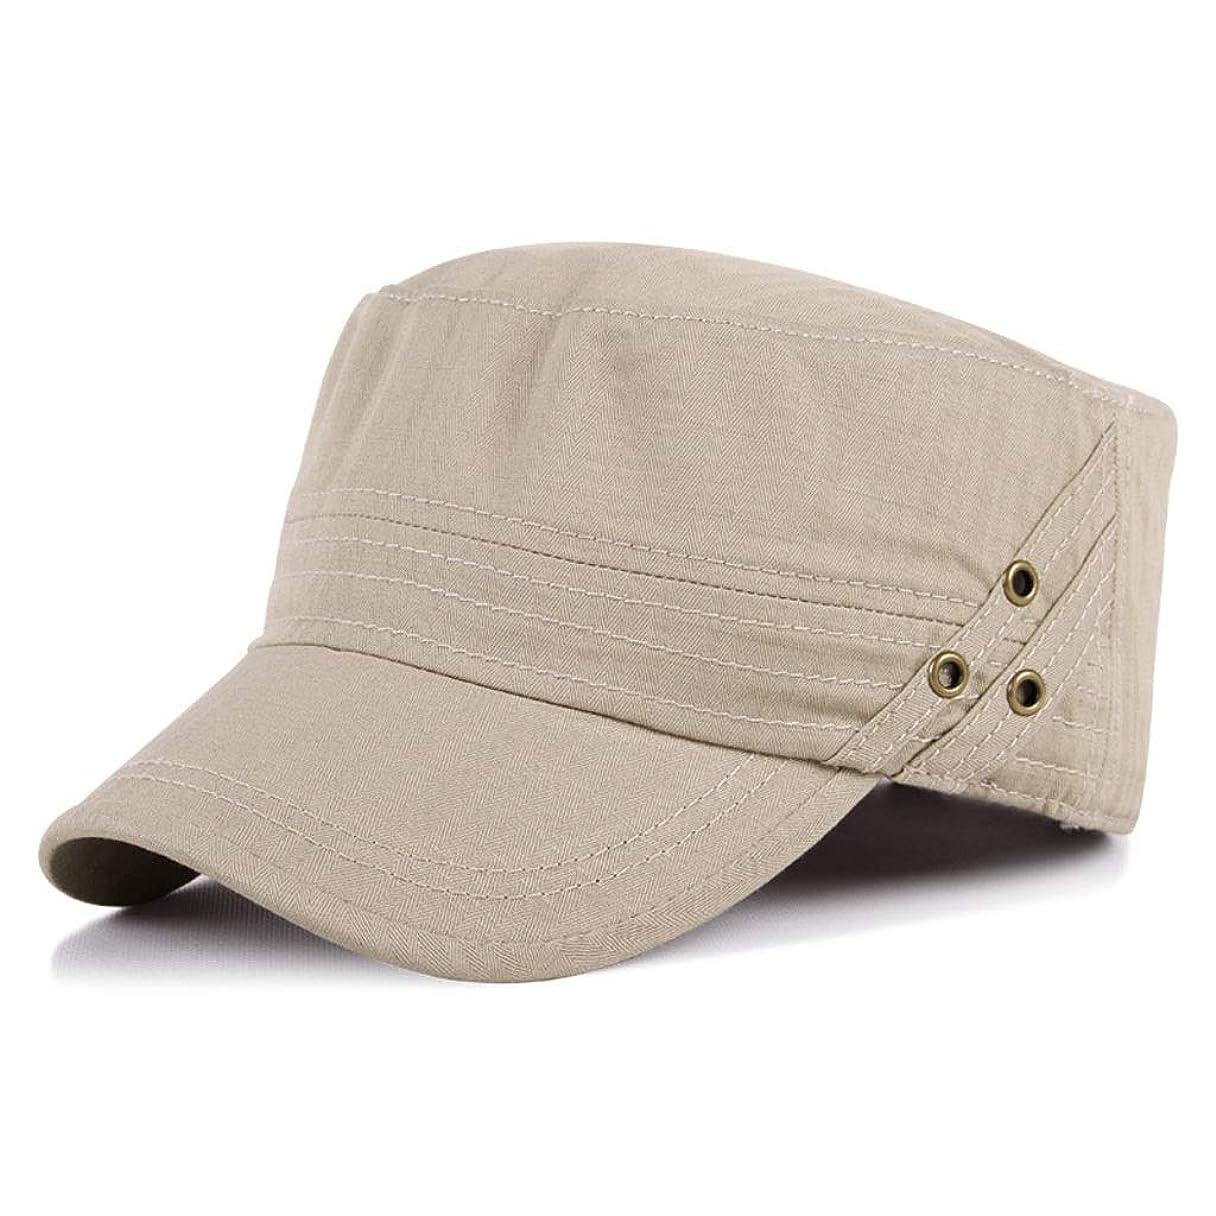 怒りクランシー野生日よけ帽 日曜日の帽子の平らなシルクハットの春および秋の人の夏の屋外の日焼け止めの帽子55-60cm ZHAOSHUNLI (Color : Beige)